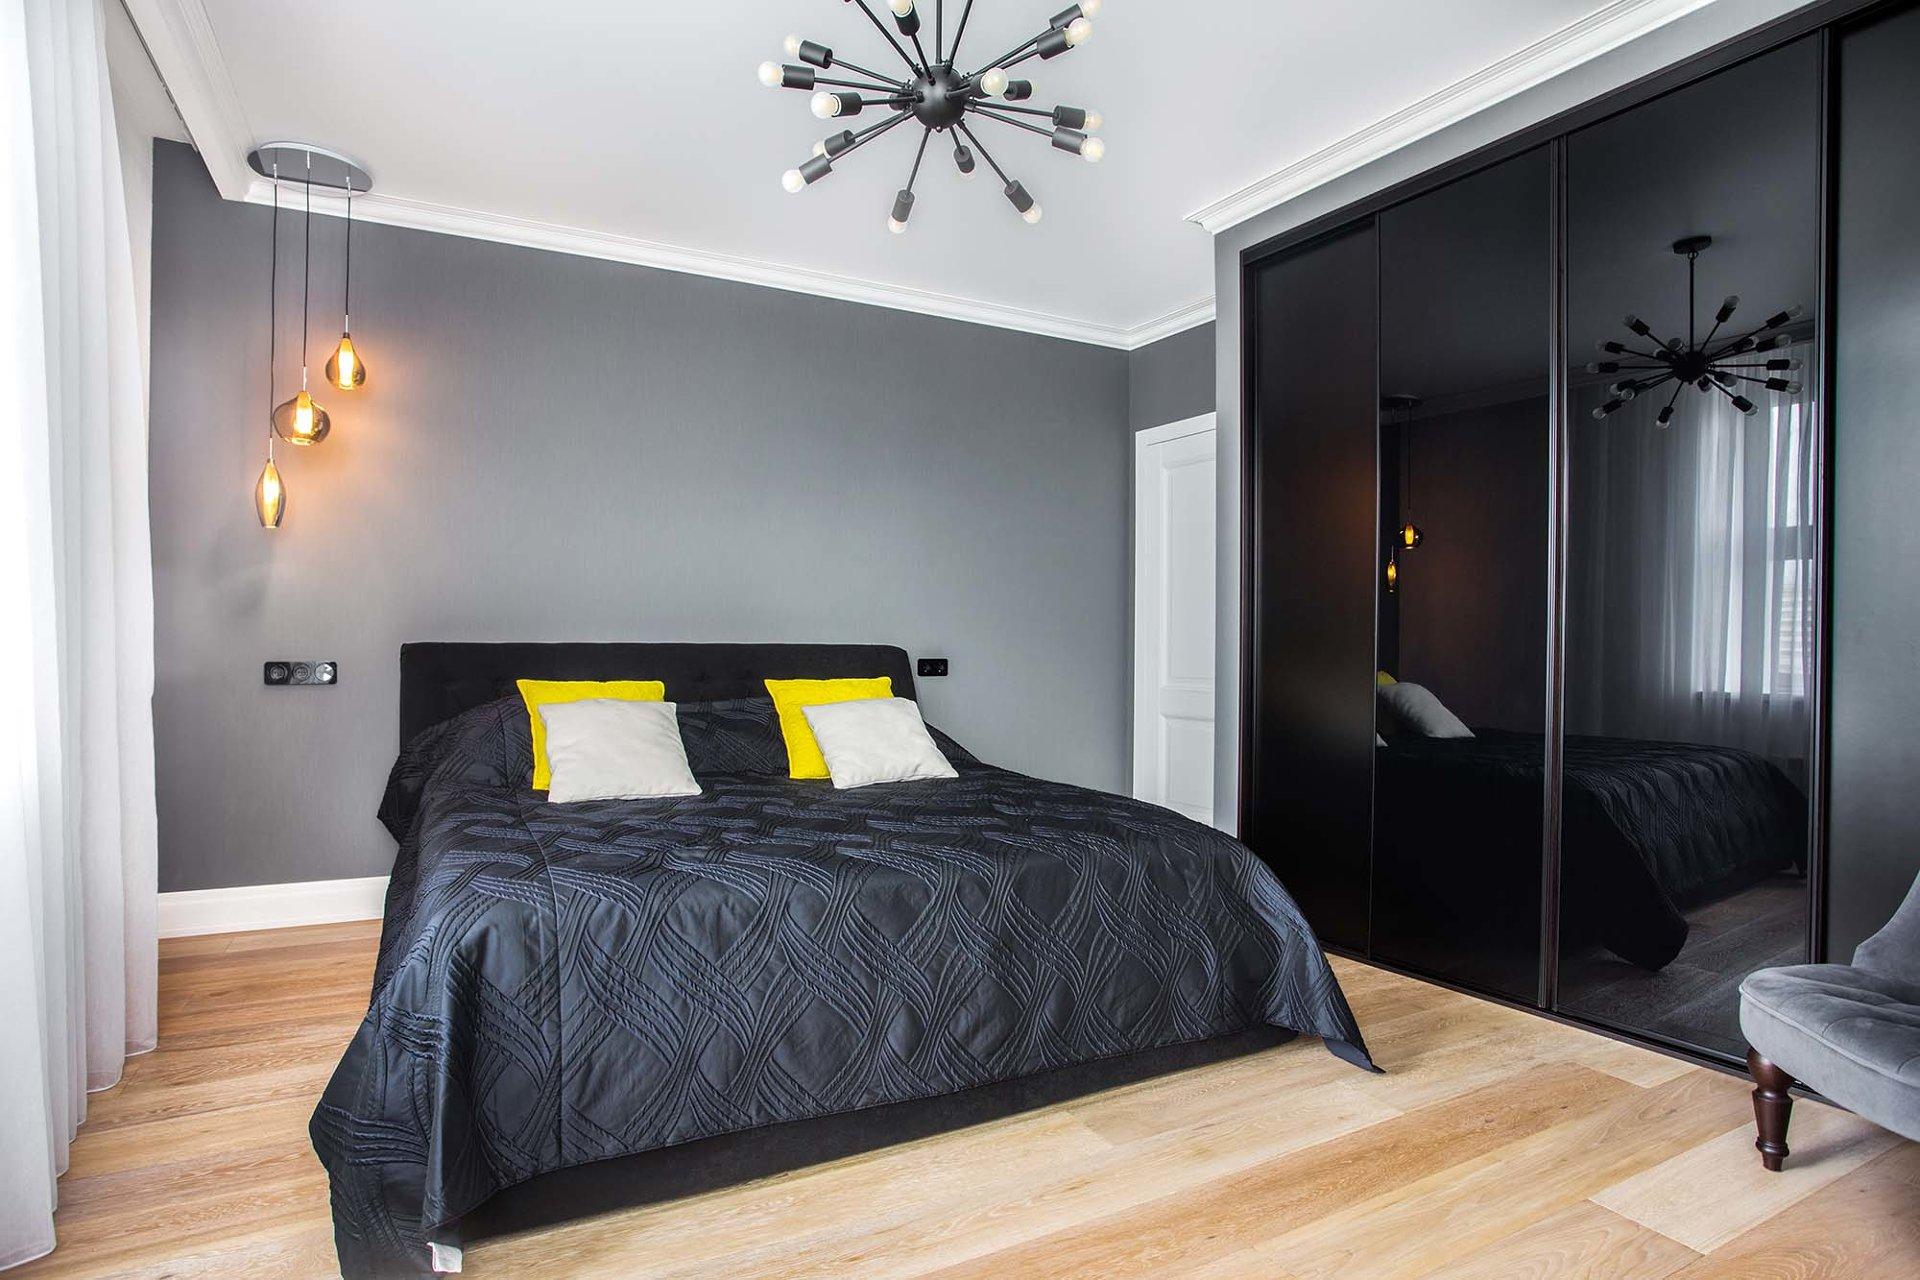 свисающие светильники в спальне